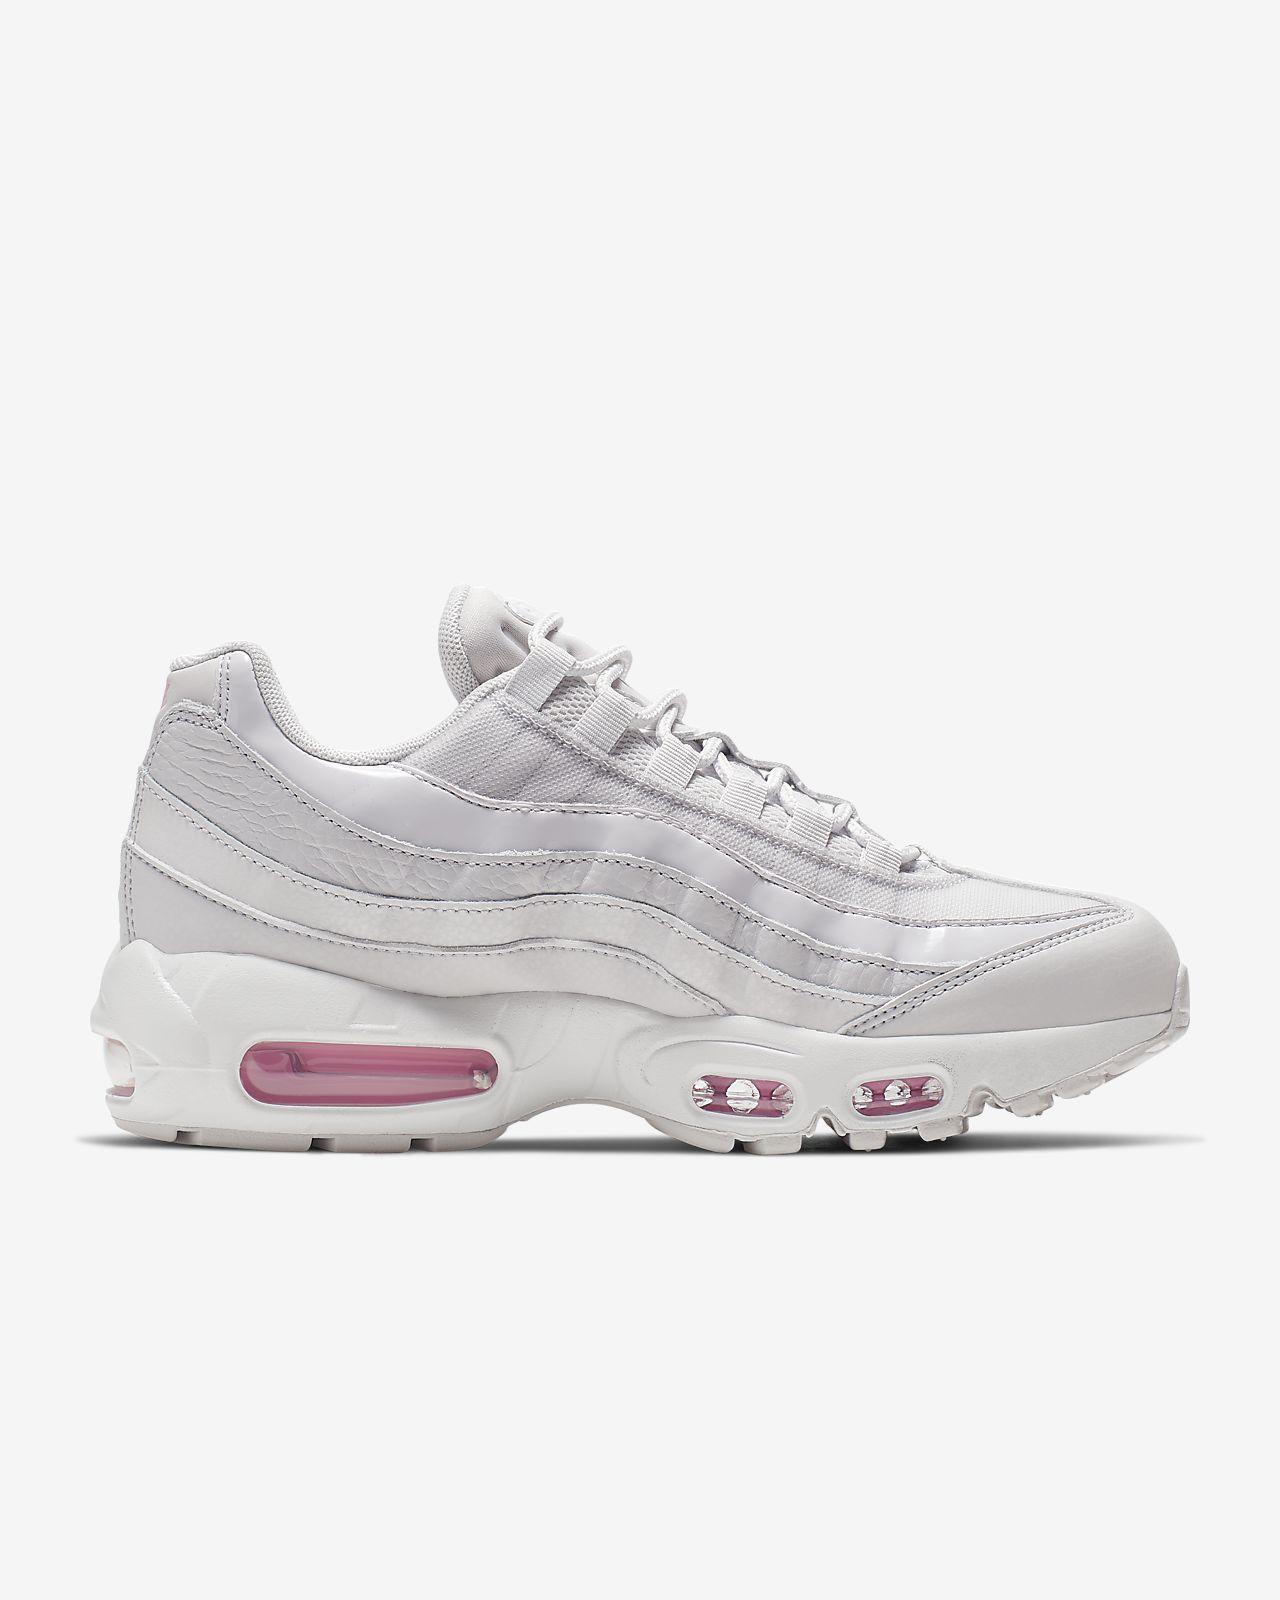 sneakers wholesale dealer uk cheap sale air max 95 grey - Livraison gratuite & Livraison rapide, Economies ...